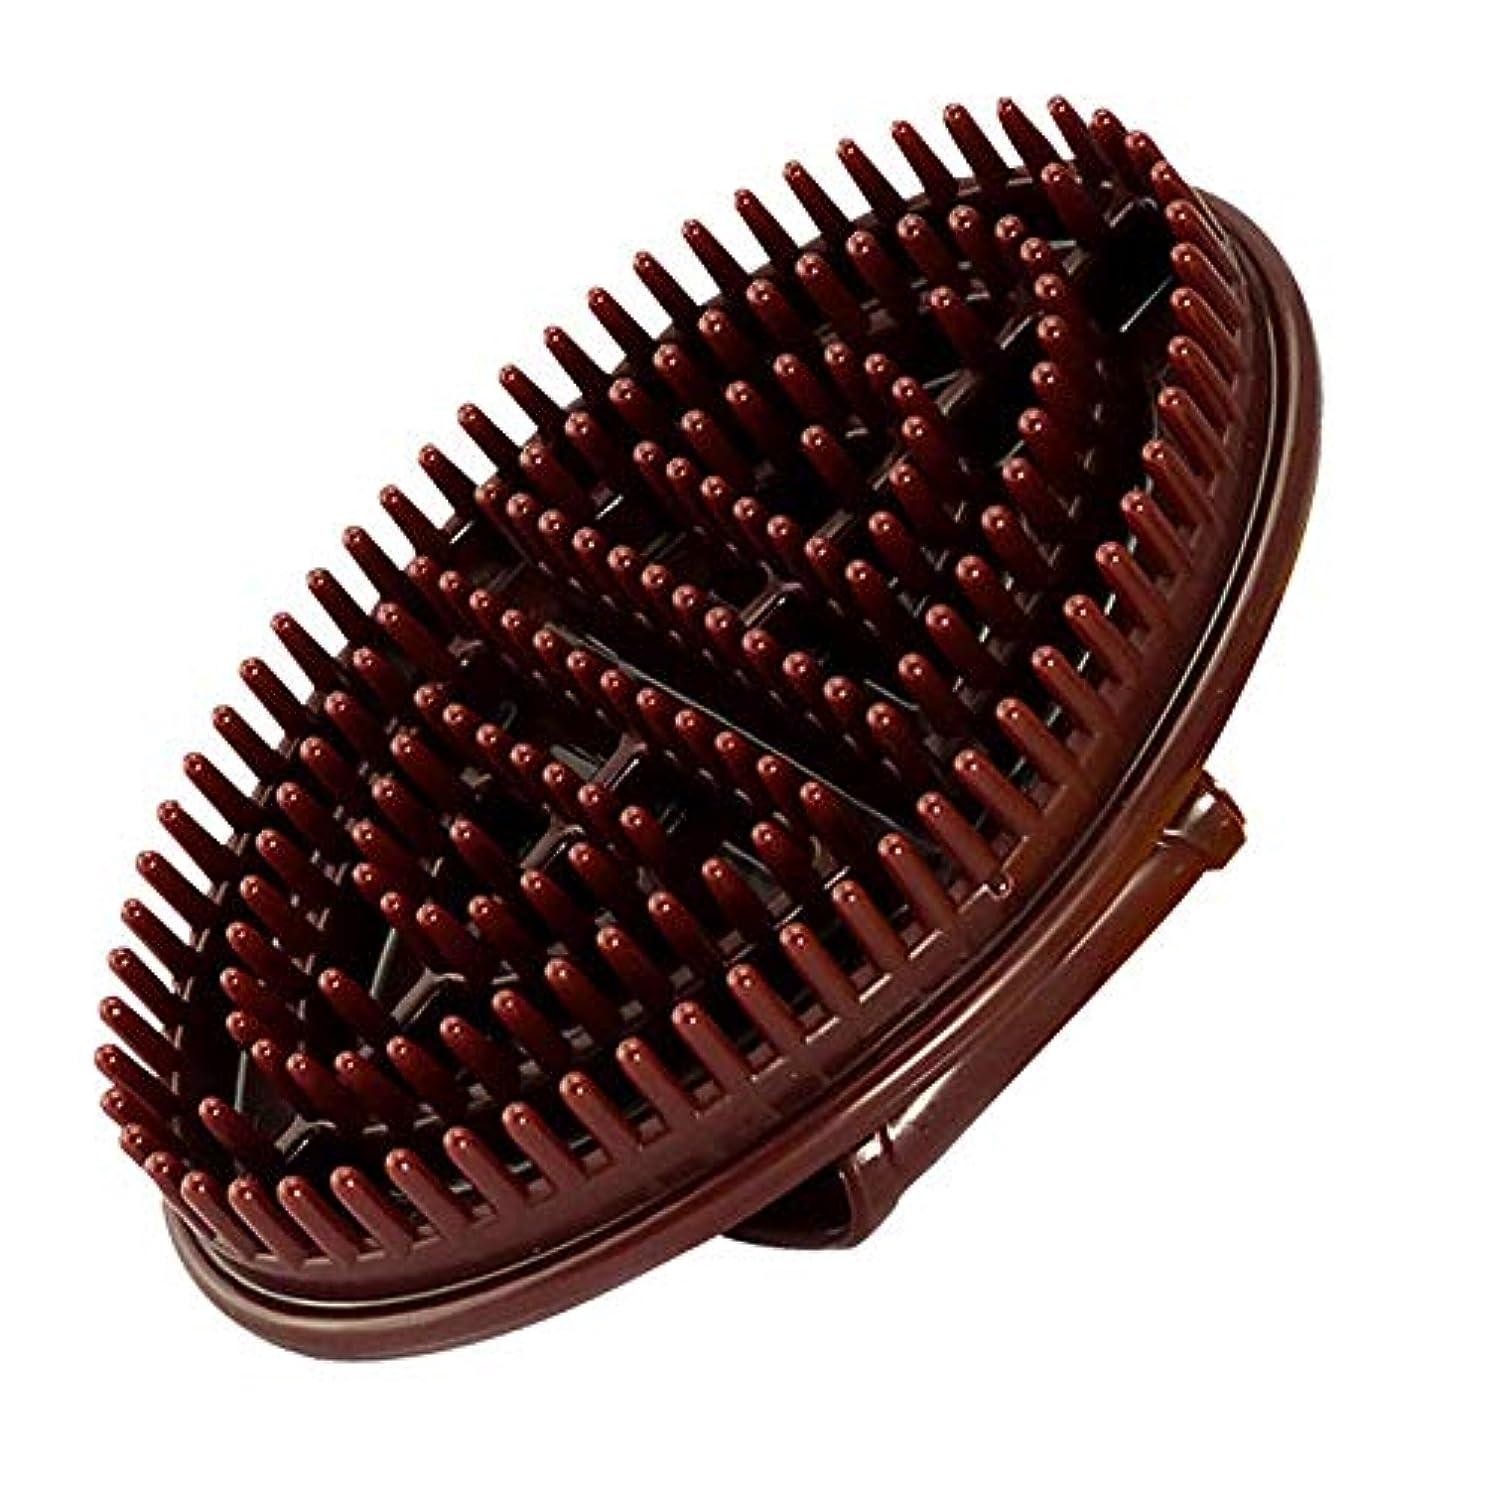 不条理不忠愛TPUマッサージブラシカッサボディのリンパマッサージブラシ Massage Brush Home Beauty Salon essential Oil Brush Live Rib Brush (褐色)